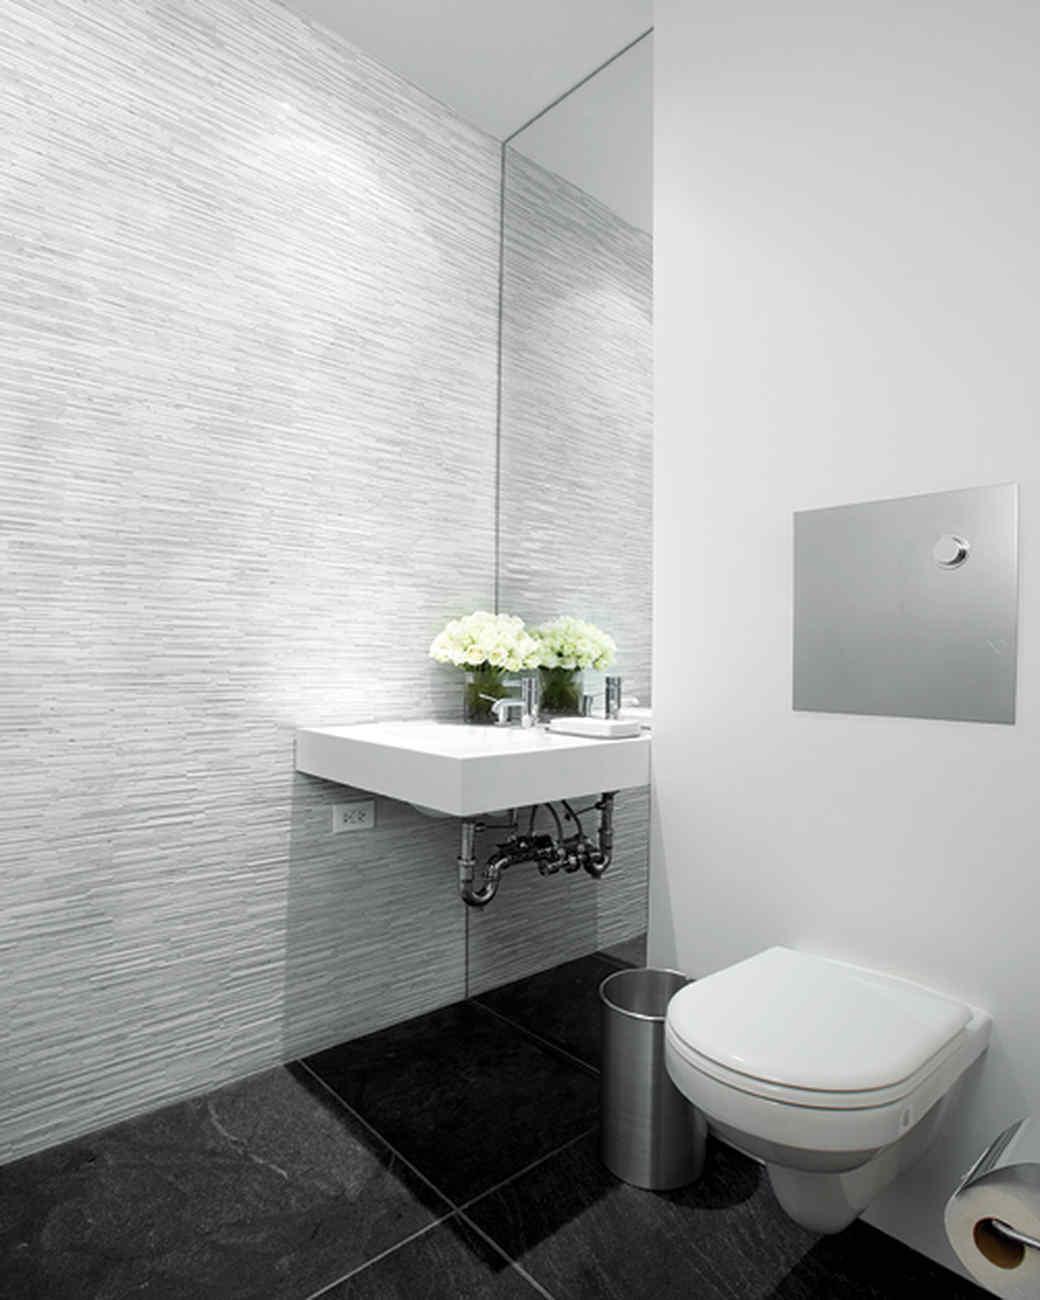 mld105770_0710_bathroom03.jpg